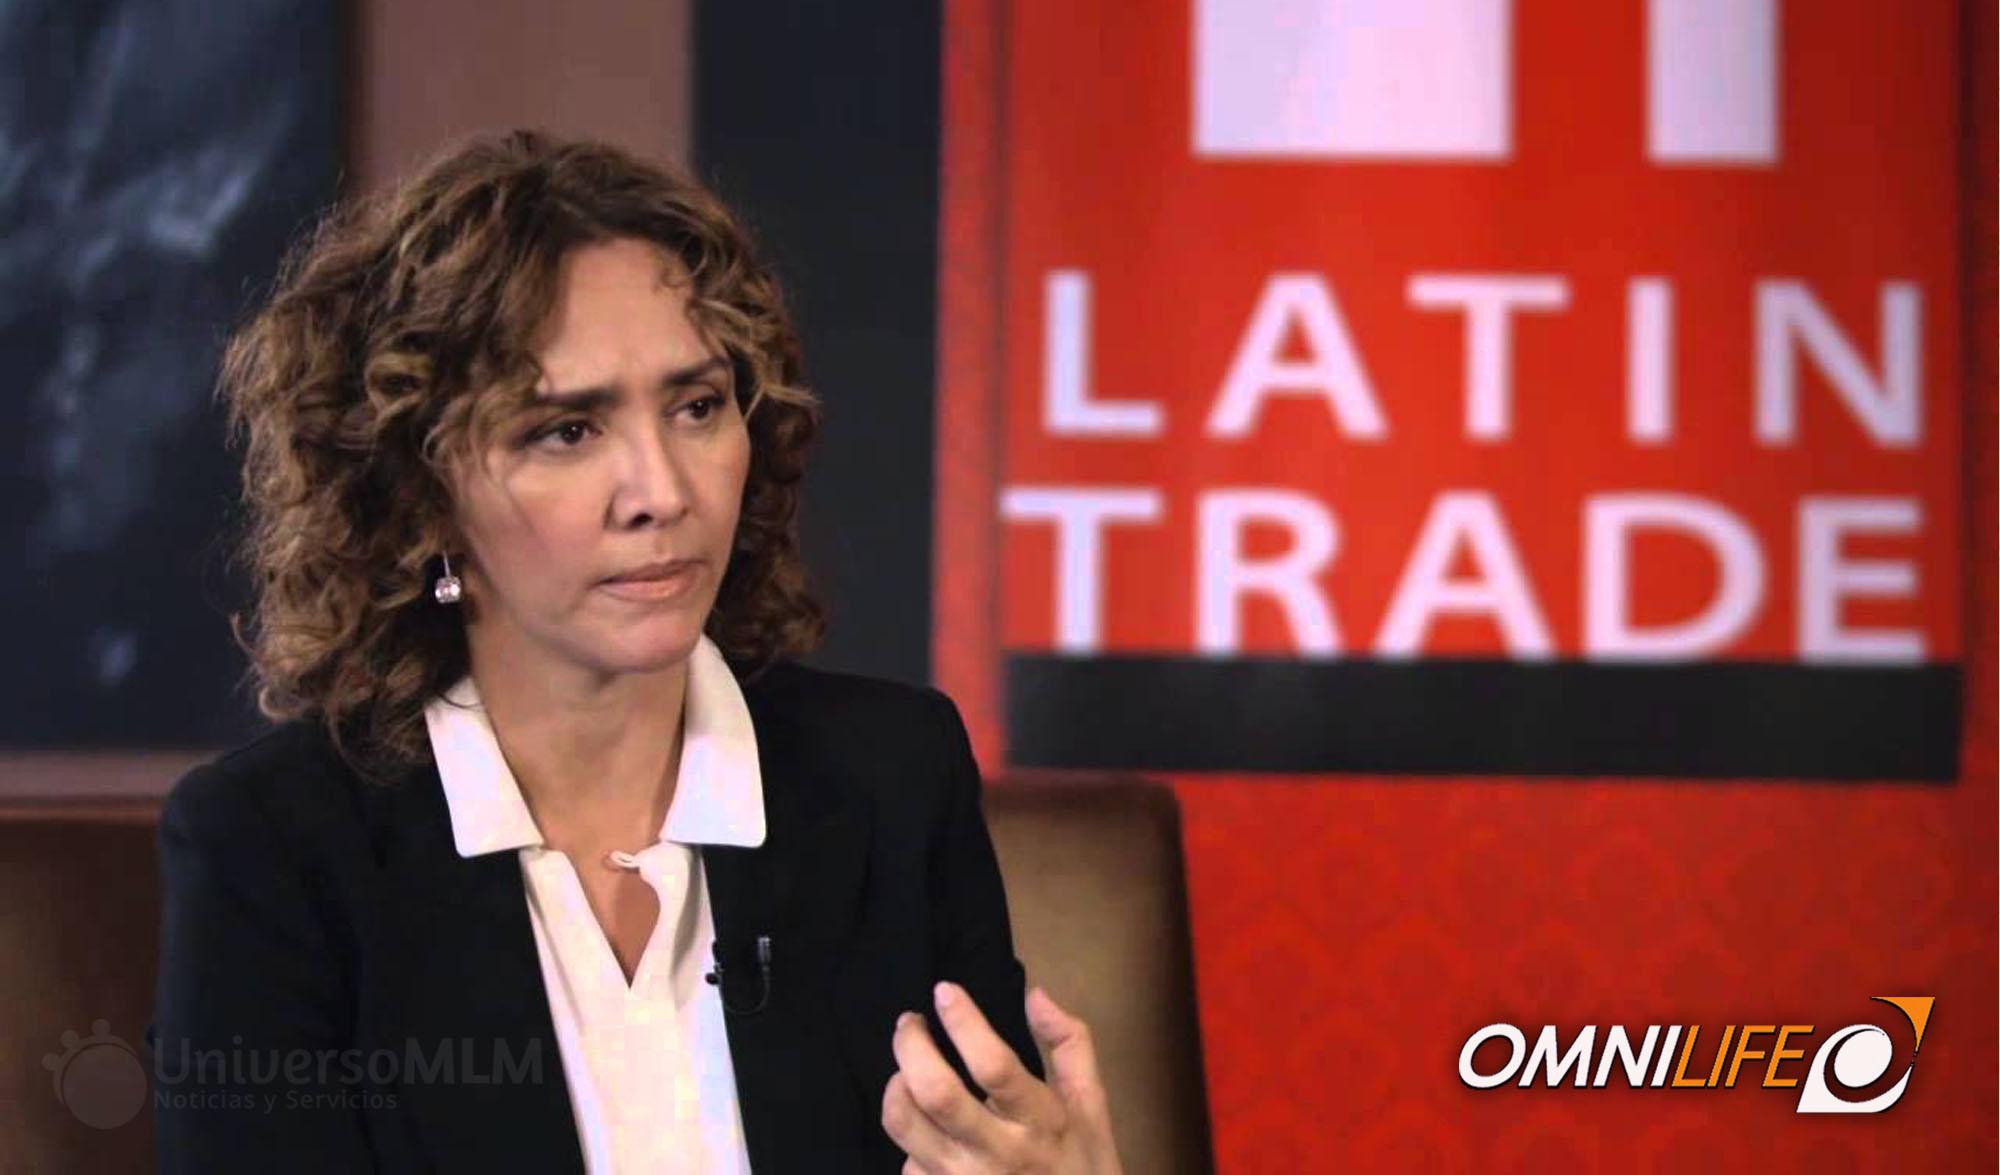 Angélica Fuentes responsable de operaciones irregulares en las cuentas de Jorge Vergara